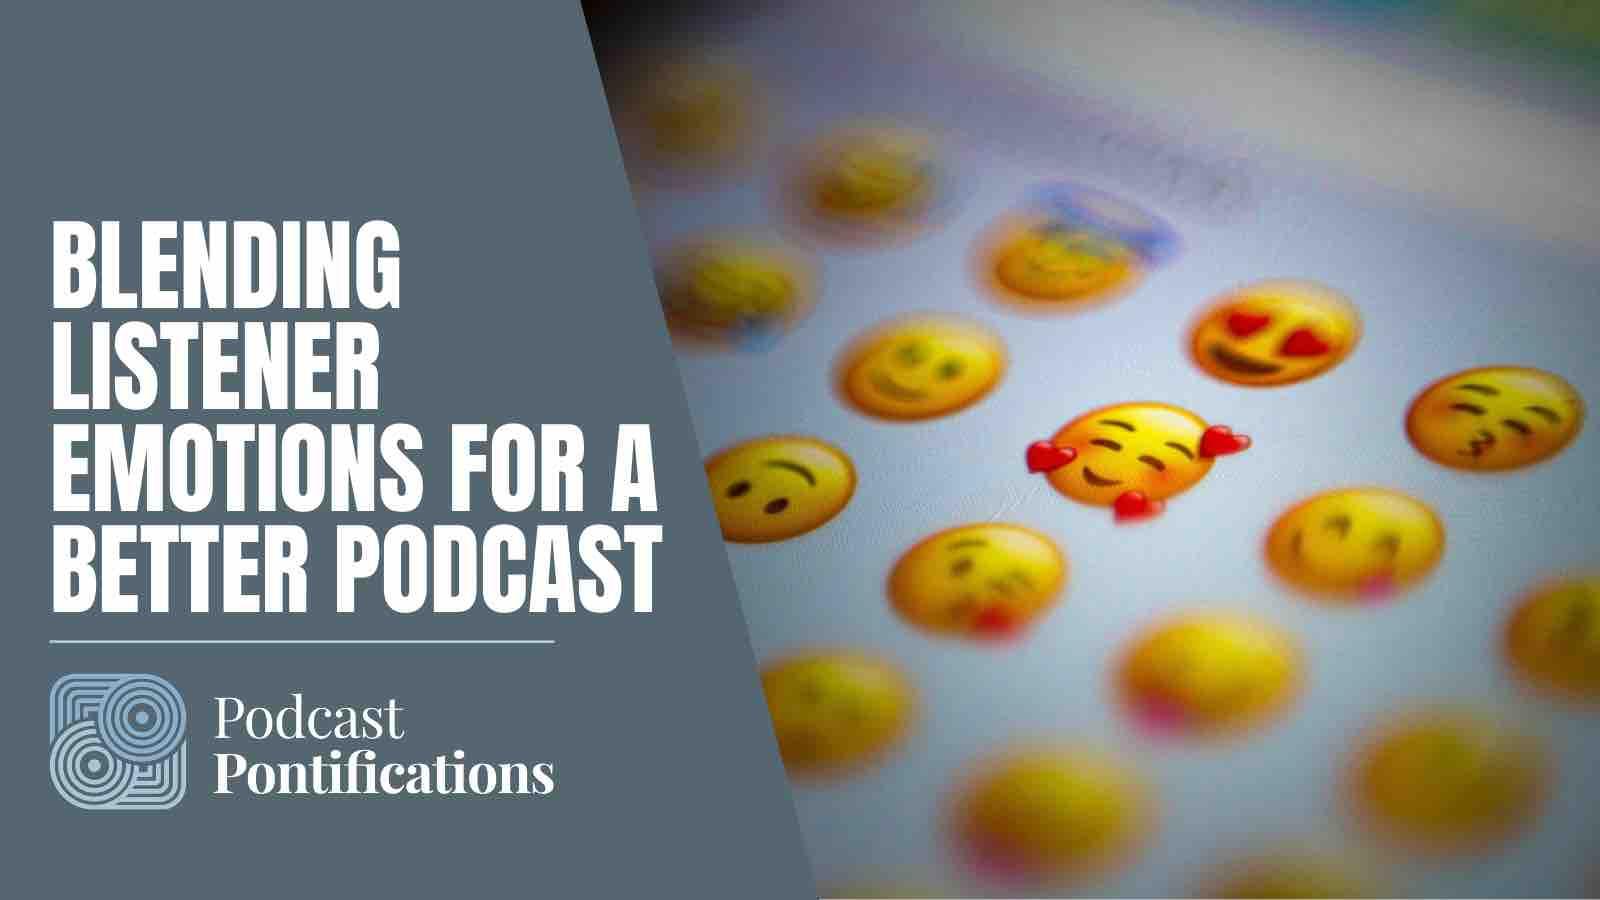 Blending Listener Emotions For A Better Podcast